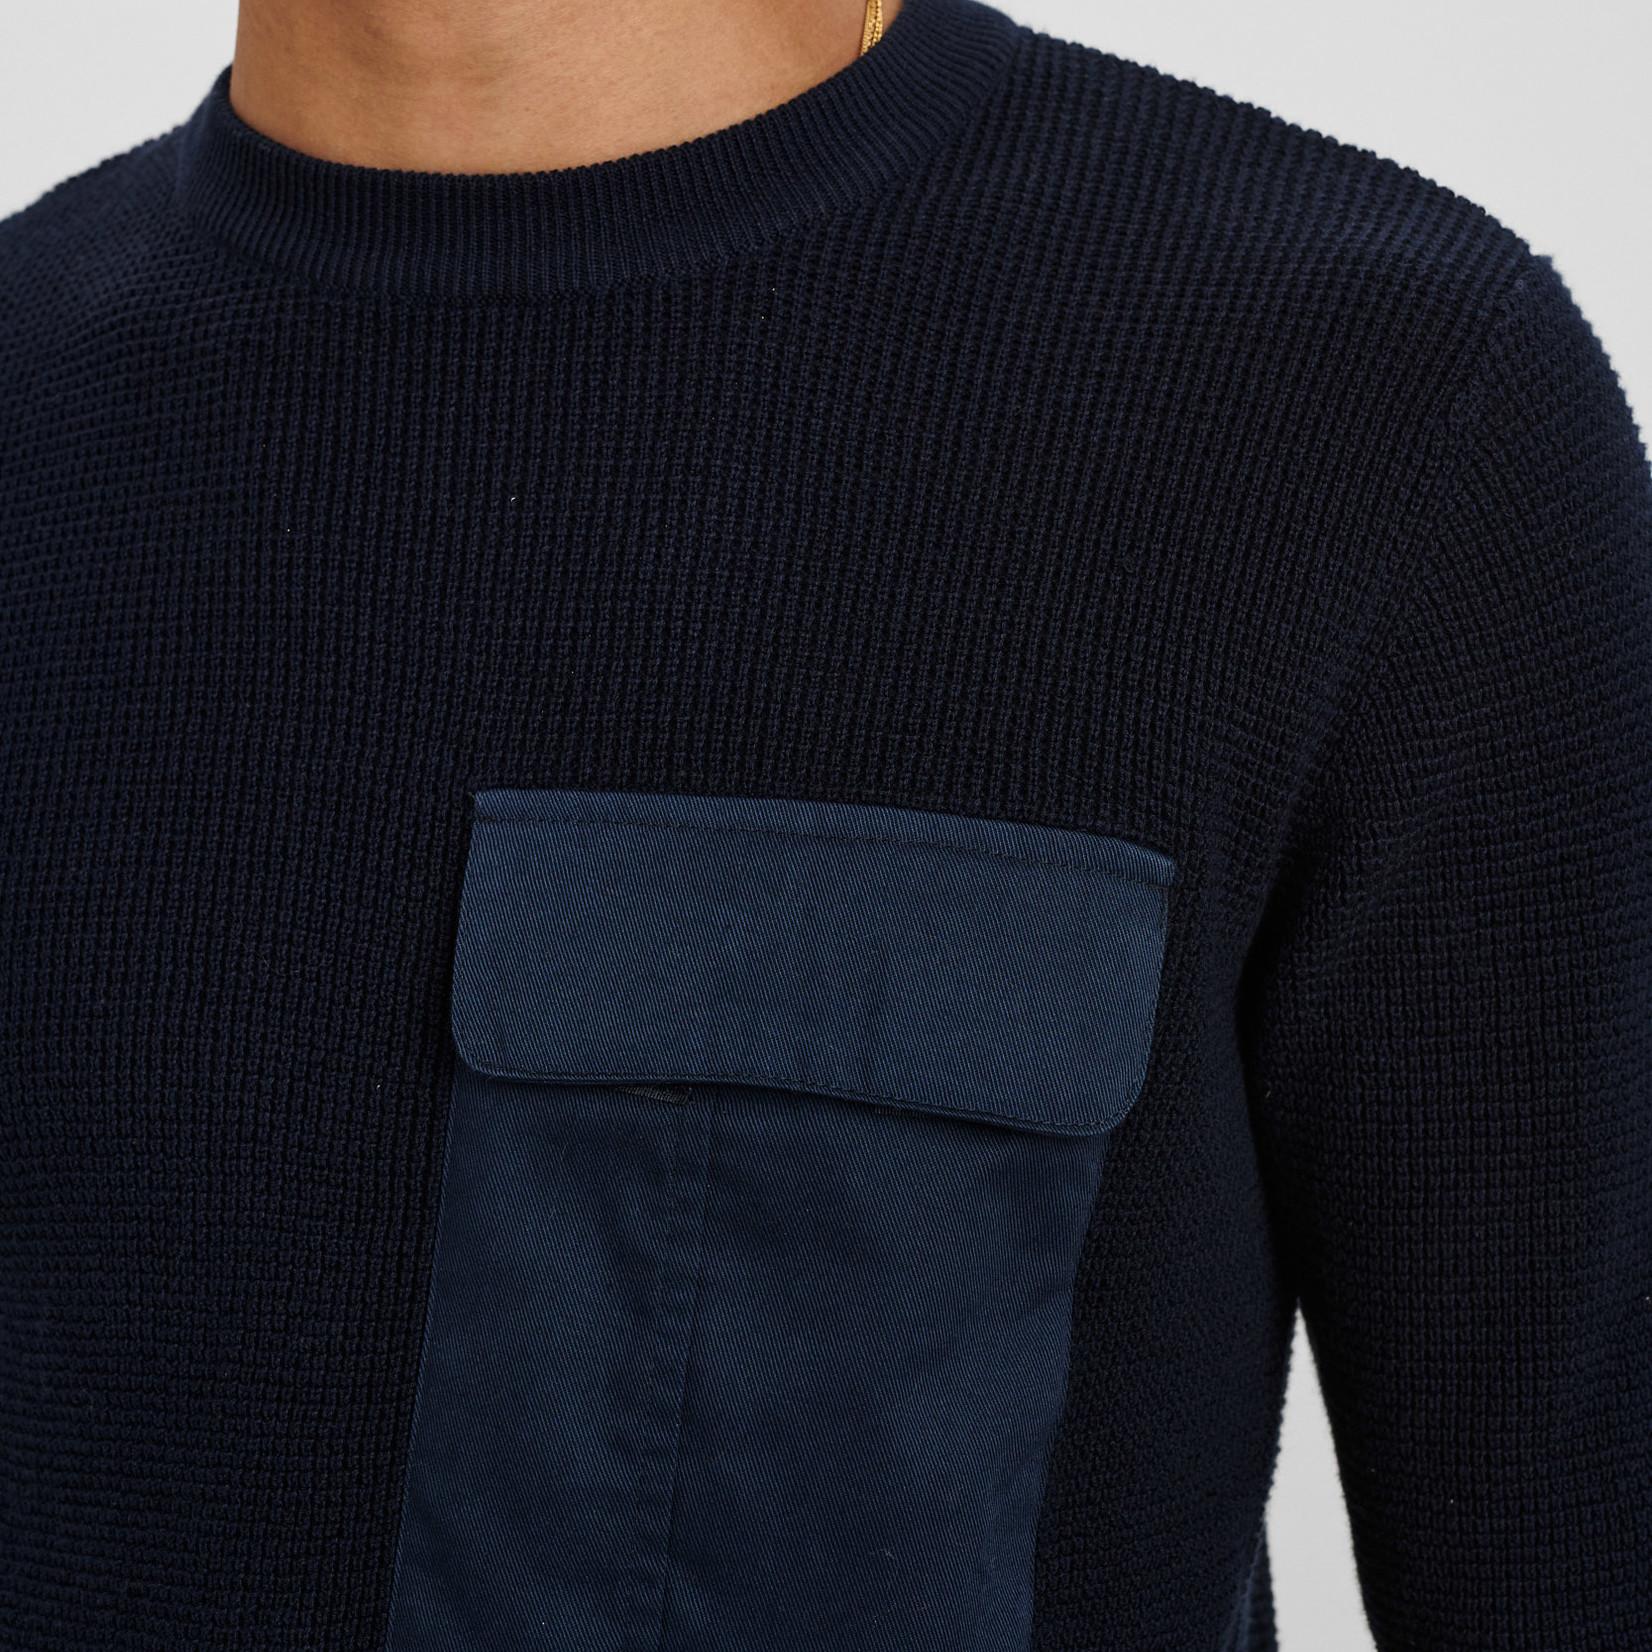 ANERKJENDT AKSUNE knit